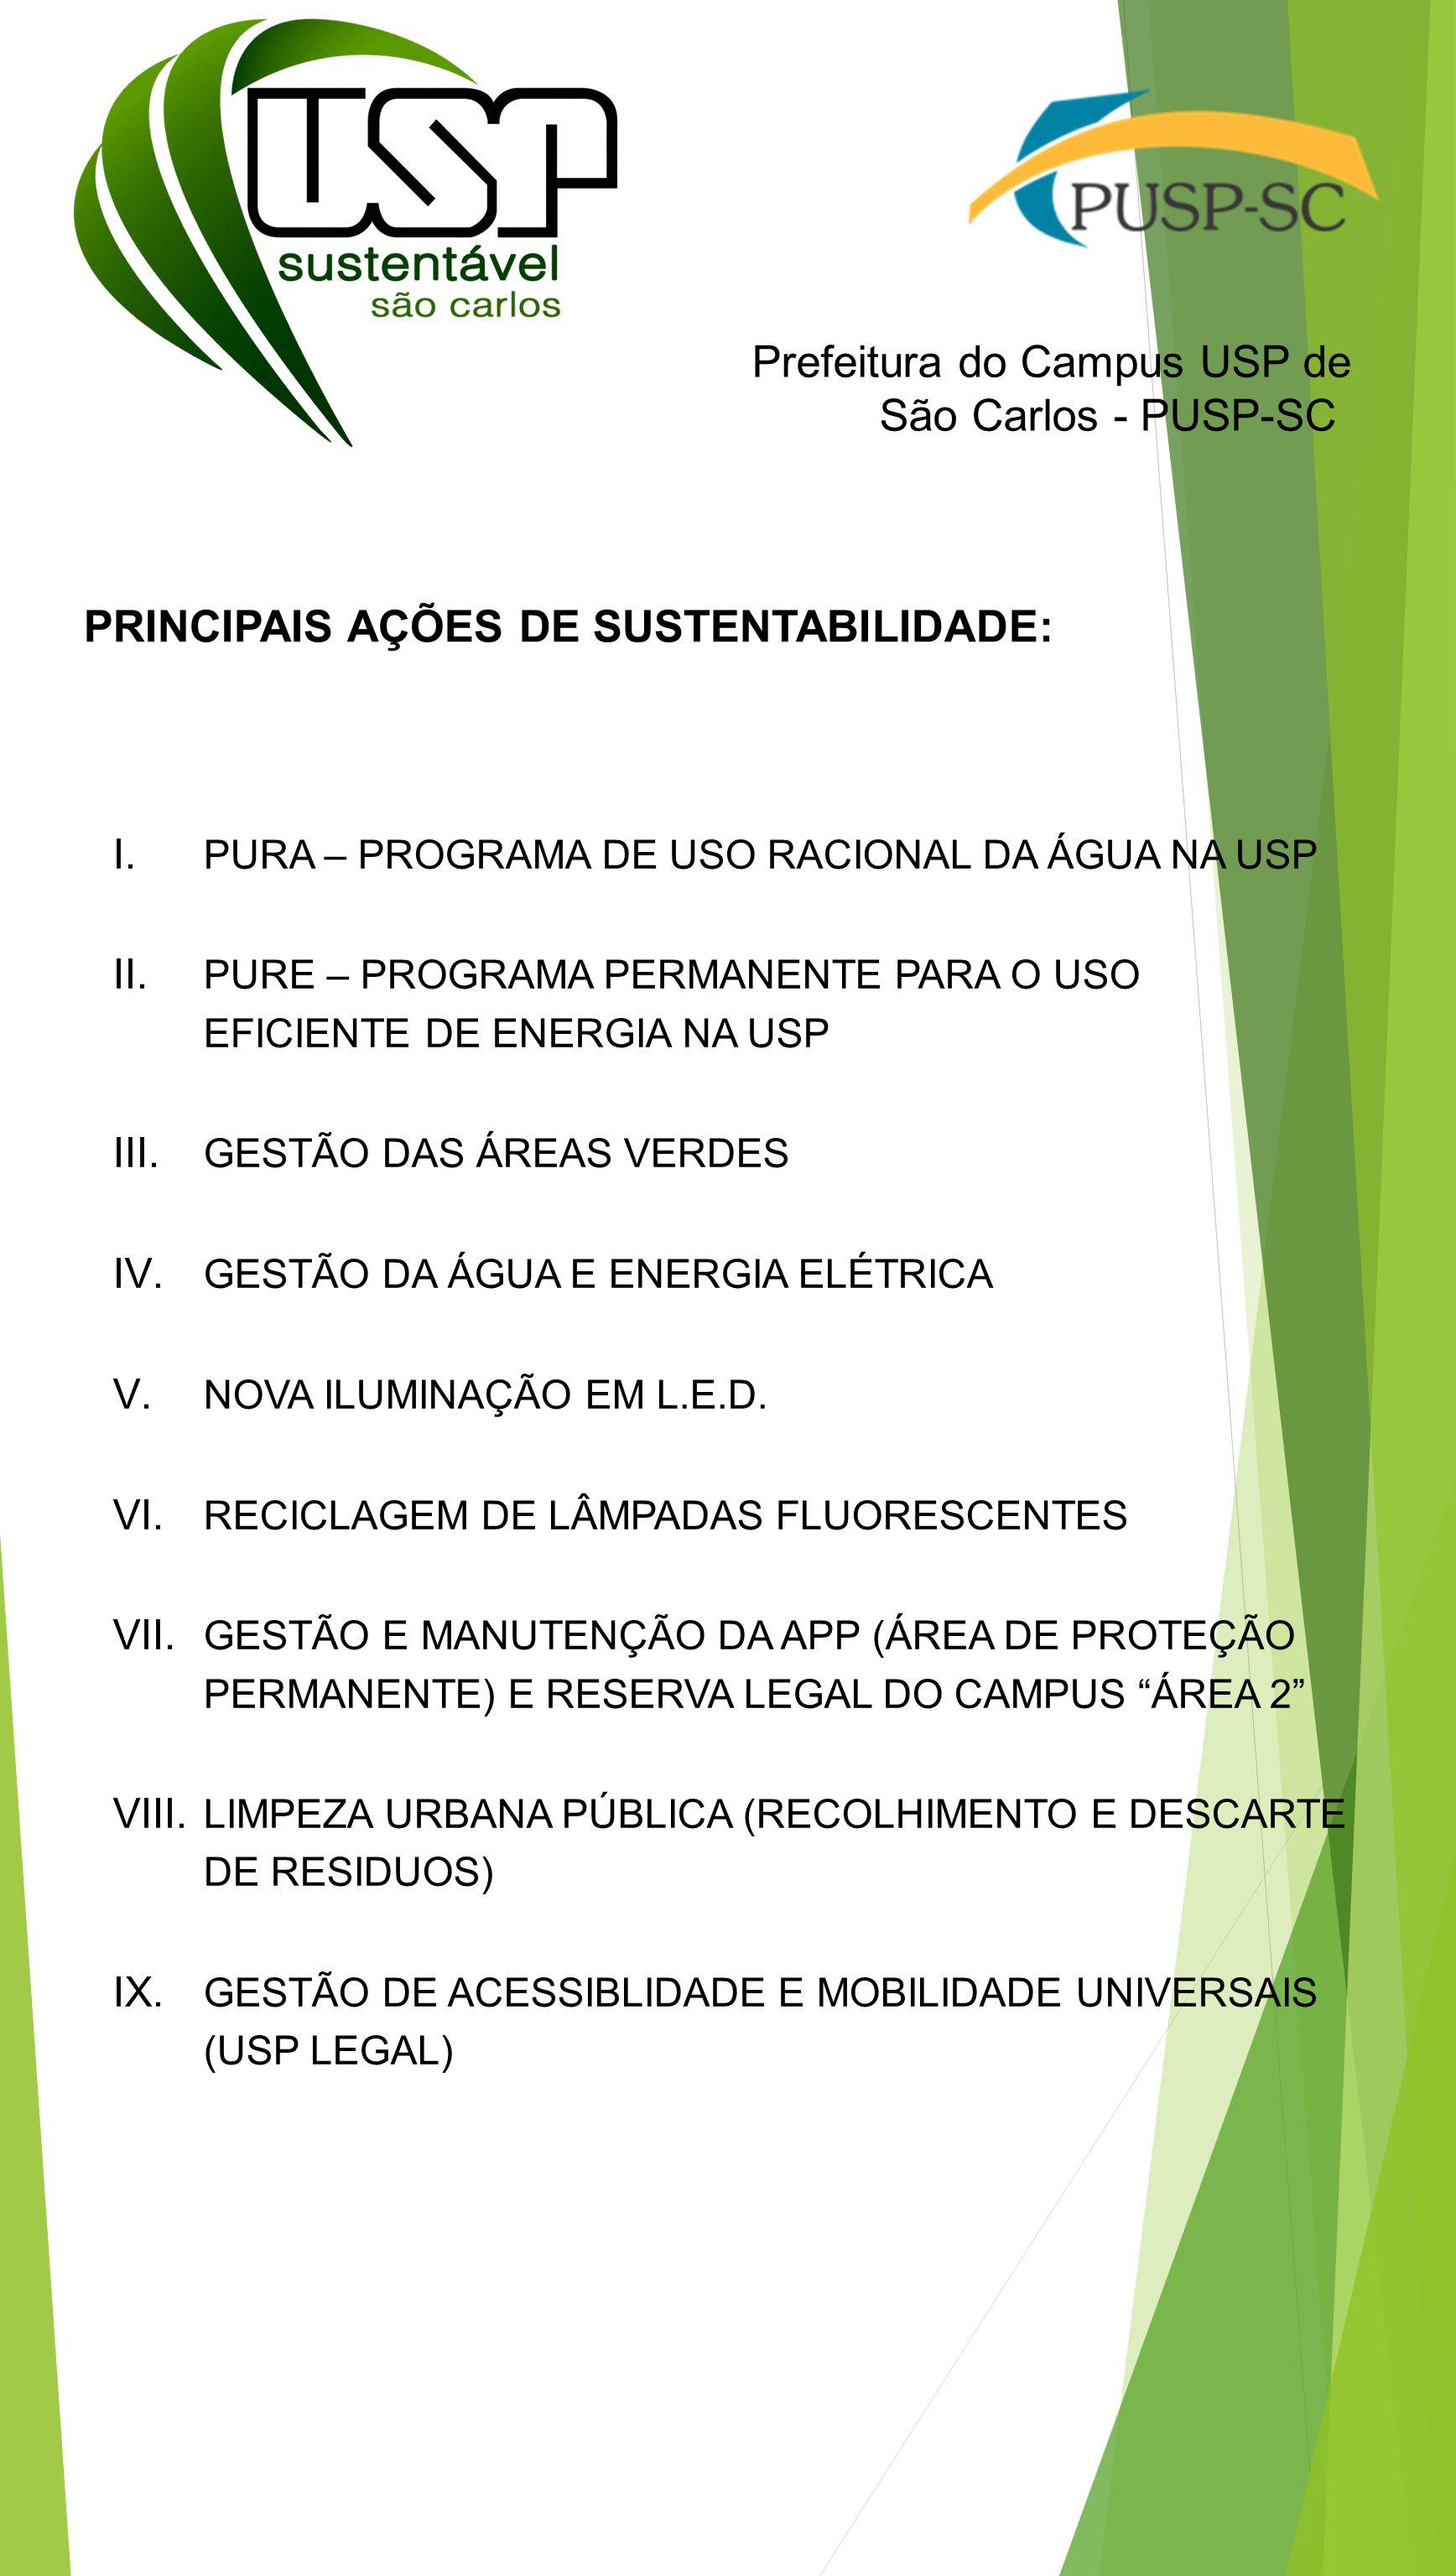 Prefeitura do Campus USP de São Carlos - PUSP-SC